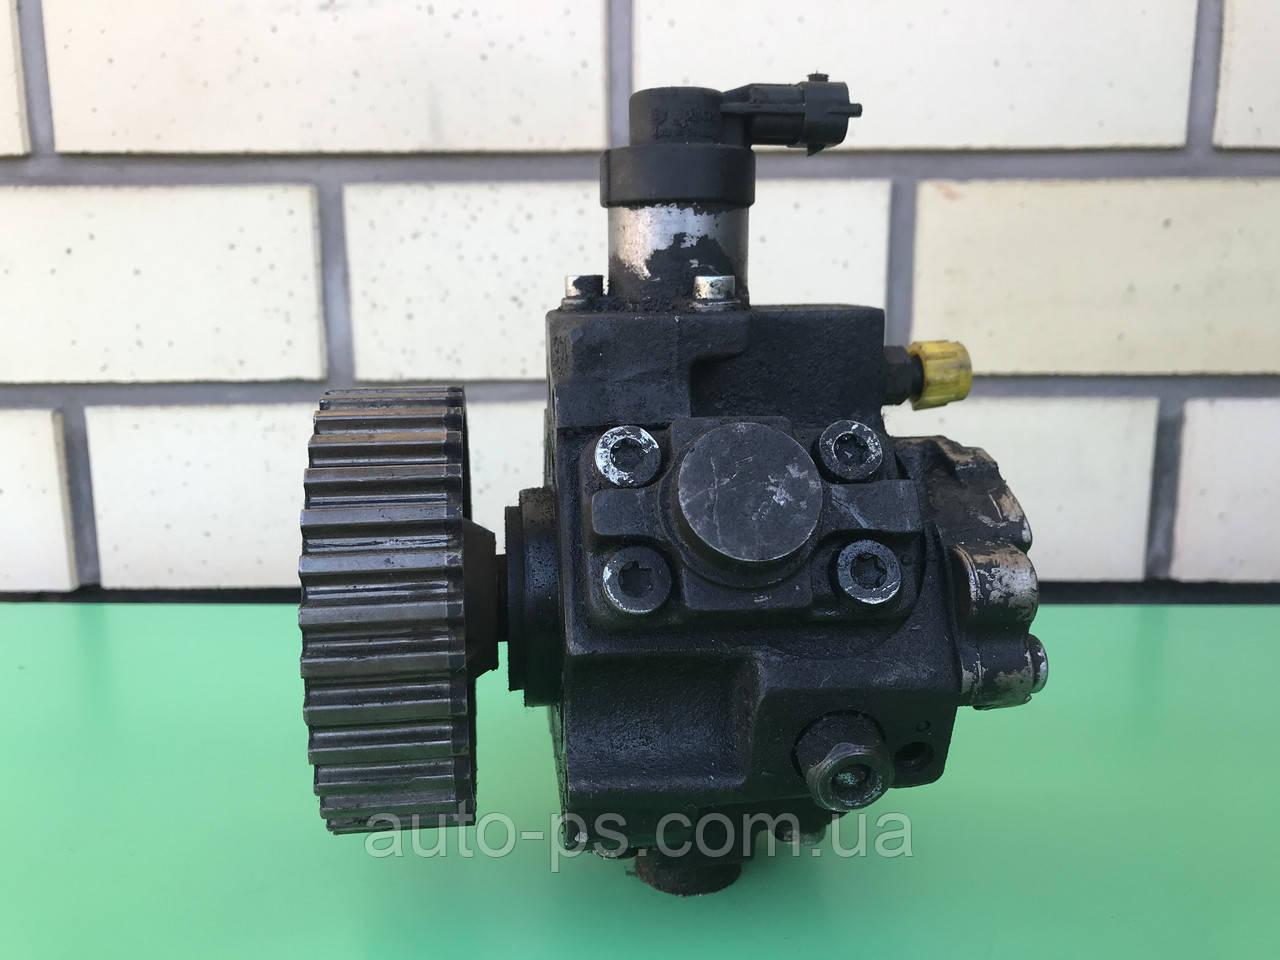 Топливный насос высокого давления (ТНВД) Volvo C30 1.6D 2006-2012